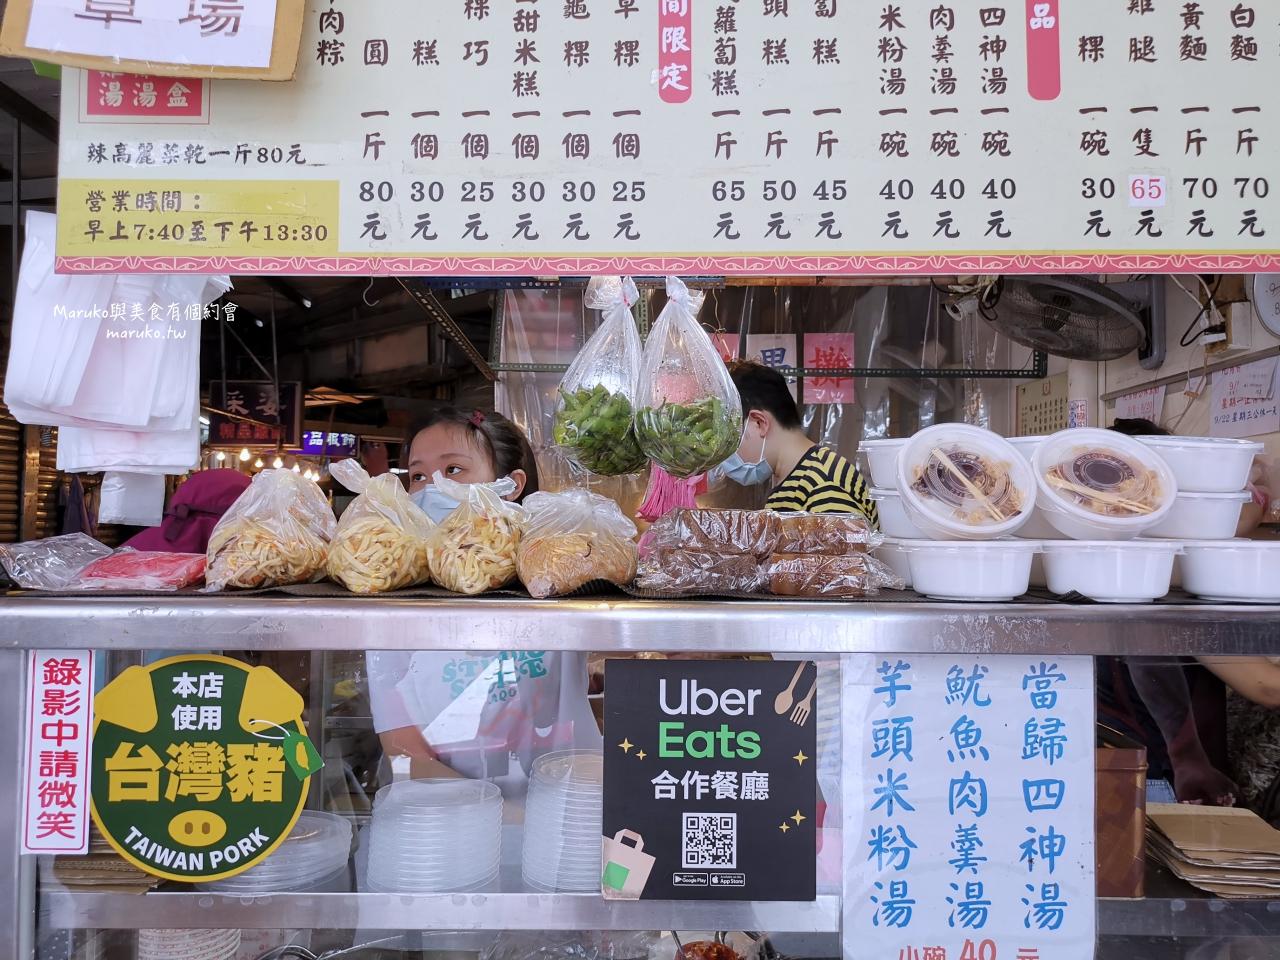 【台北】一流油飯 古亭市場在地美食 油飯 芋頭米粉湯 港式蘿蔔糕 樣樣推 @Maruko與美食有個約會